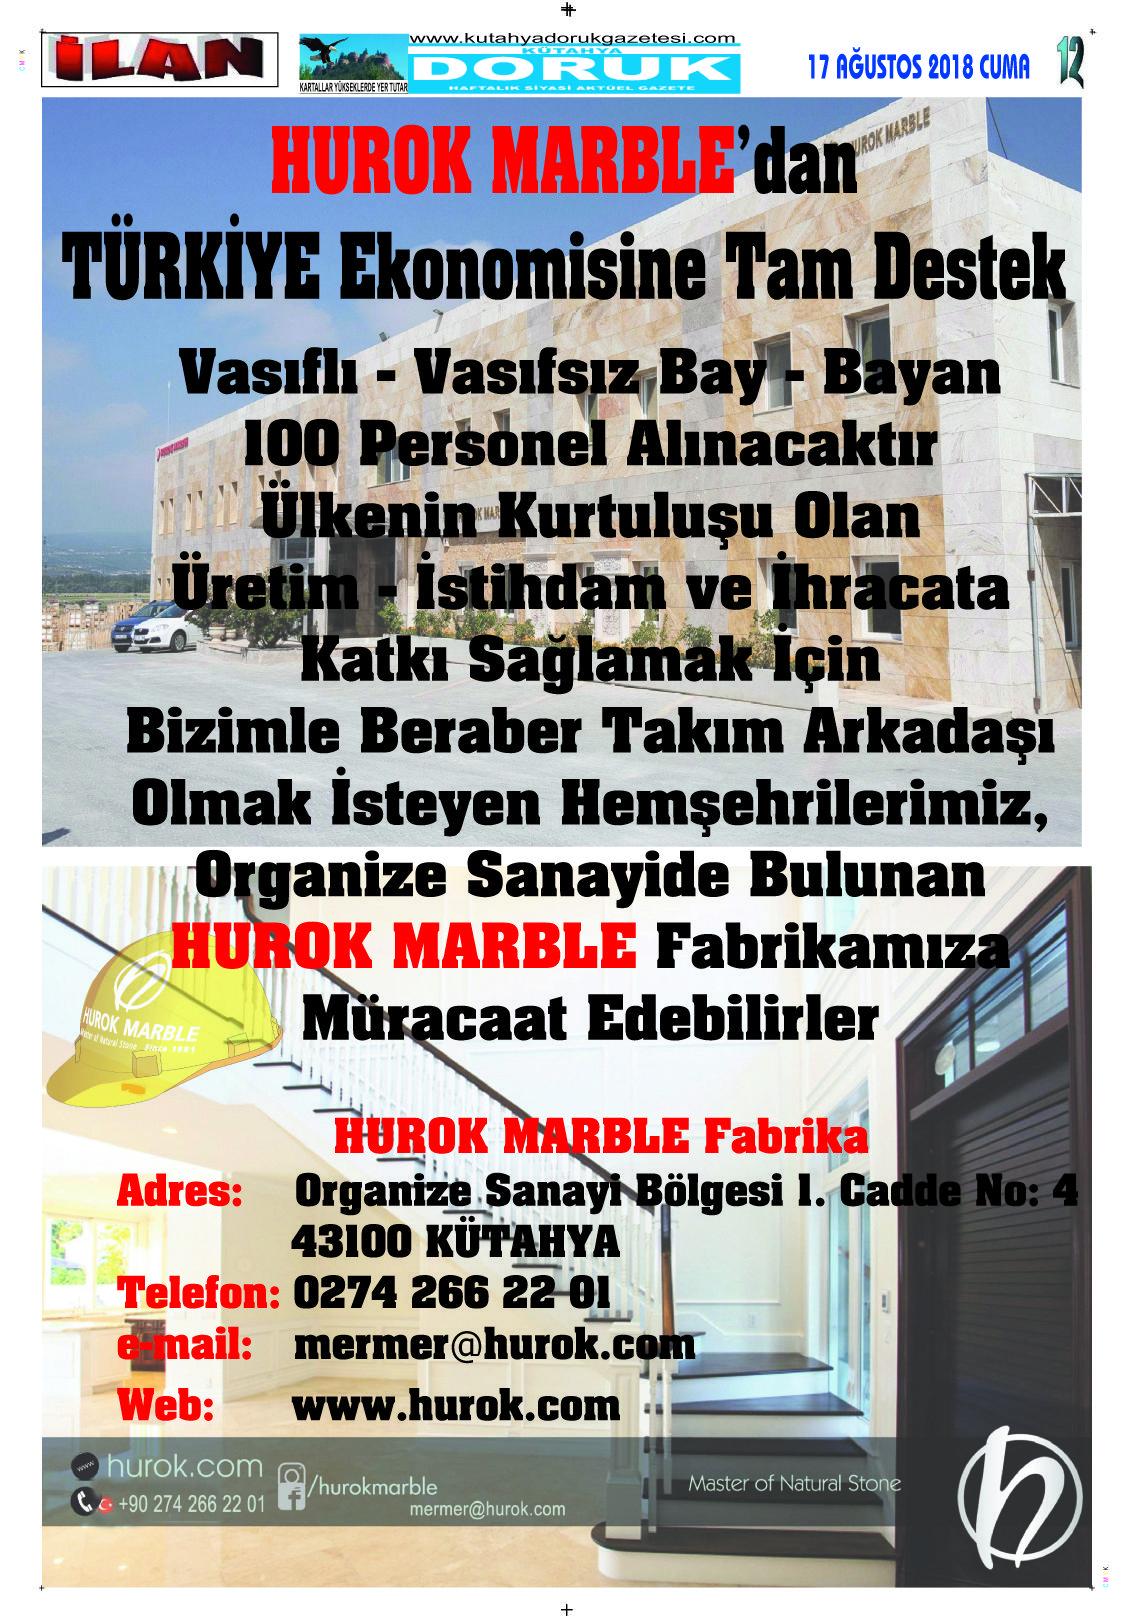 17 Agustos 2018 Sayfa 12 Kutahya Doruk Gazetesi Hurok Marble Dan Turkiye Ekonomisine Tam Destek 17agustos Dorukgazetesi Gazete Ku 17 Agustos Ekonomi Gazete